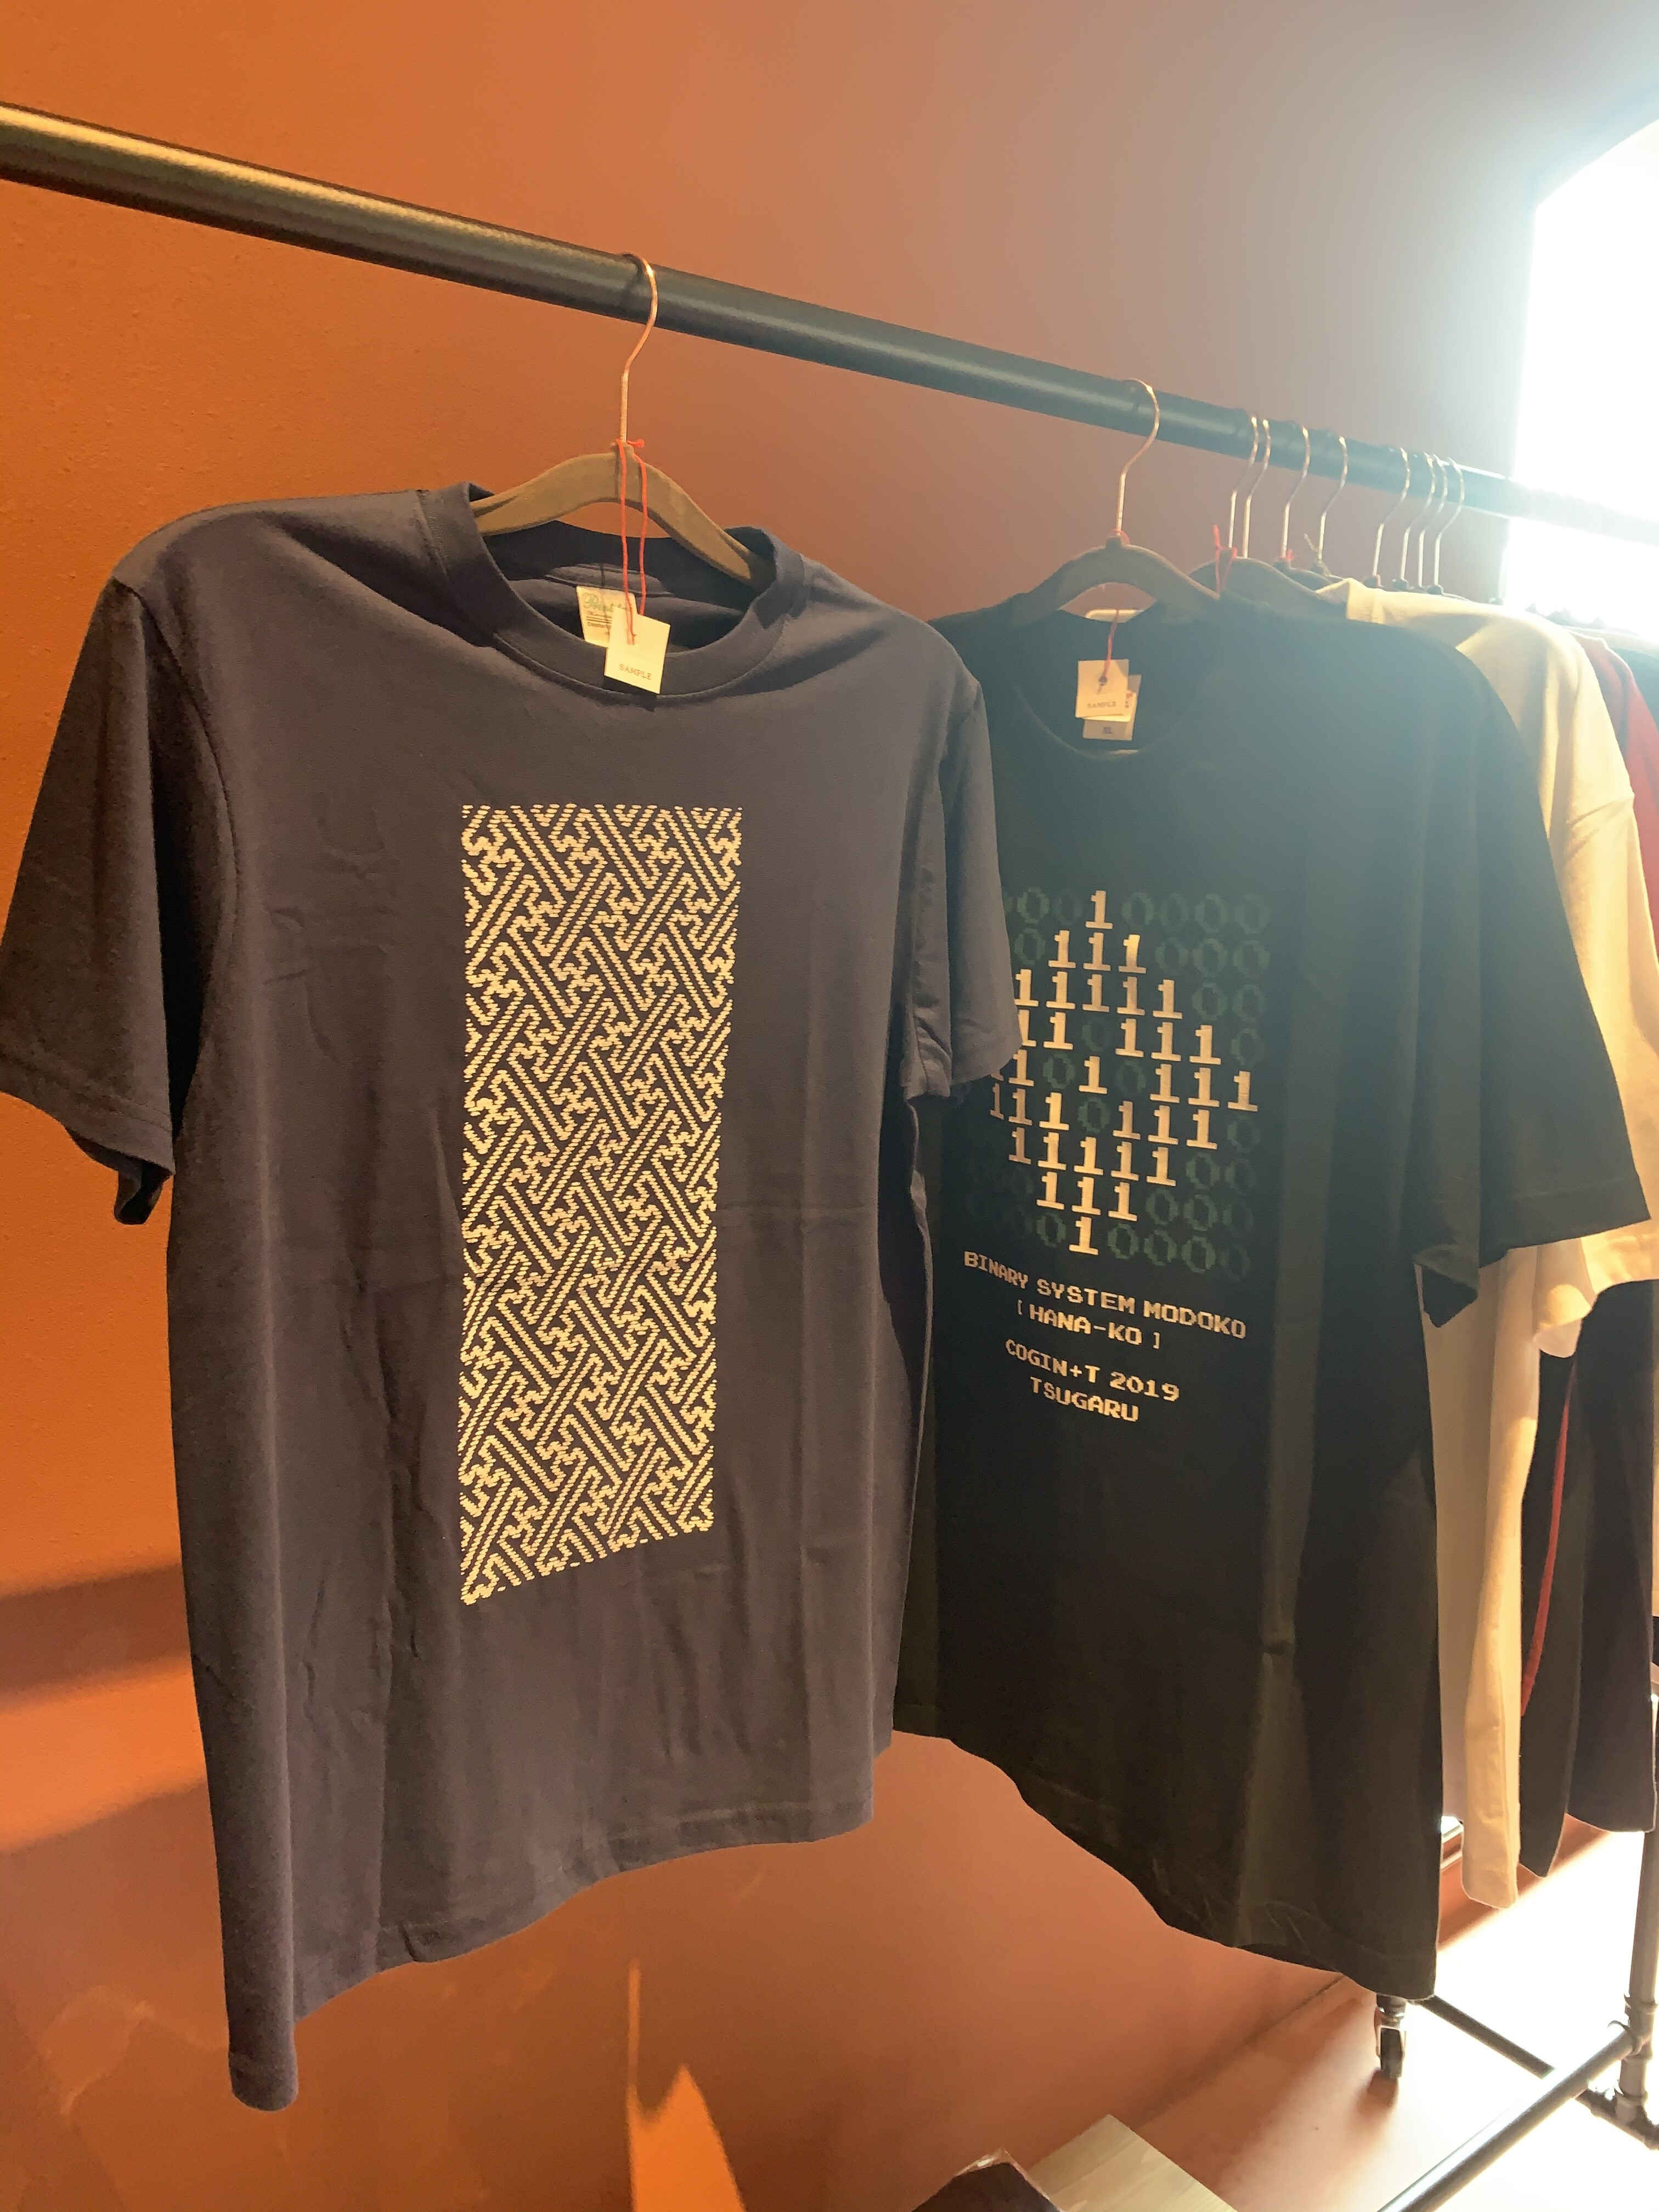 弘前れんが倉庫美術館のミュージアムショップにてcogin+TのTシャツを購入いただけます